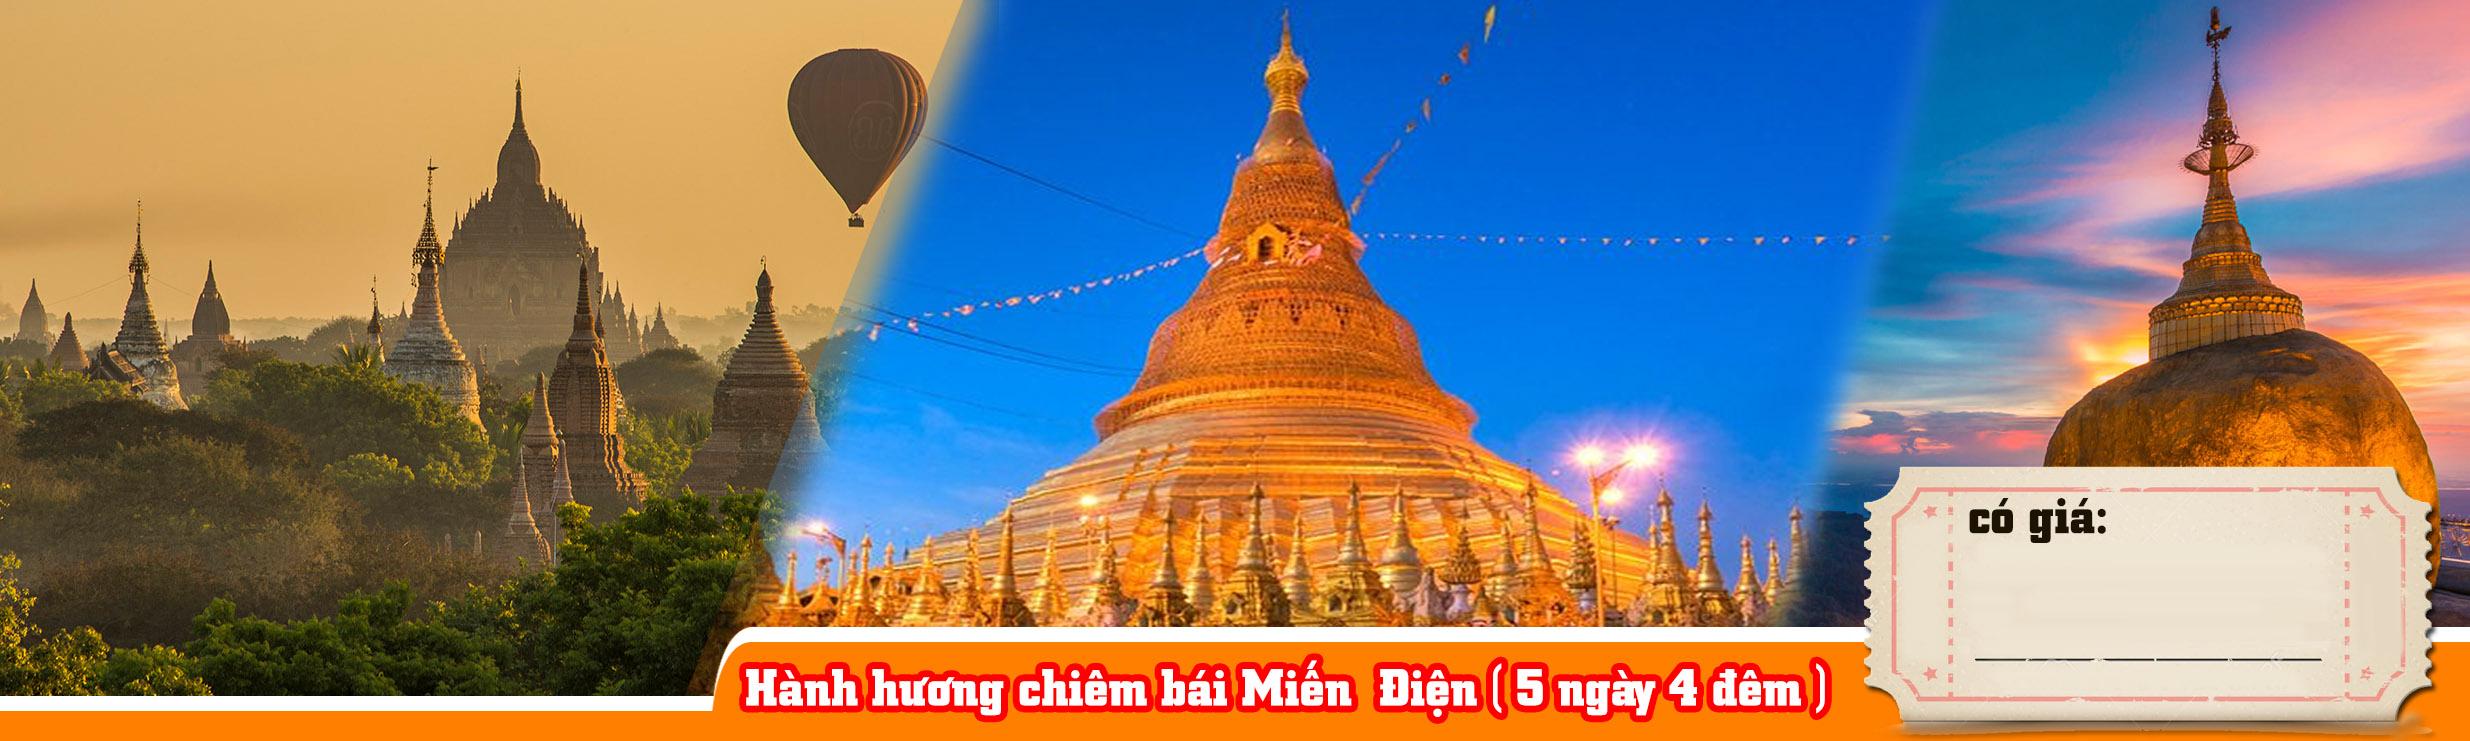 Tour hành hương chiêm bái Miến Điện